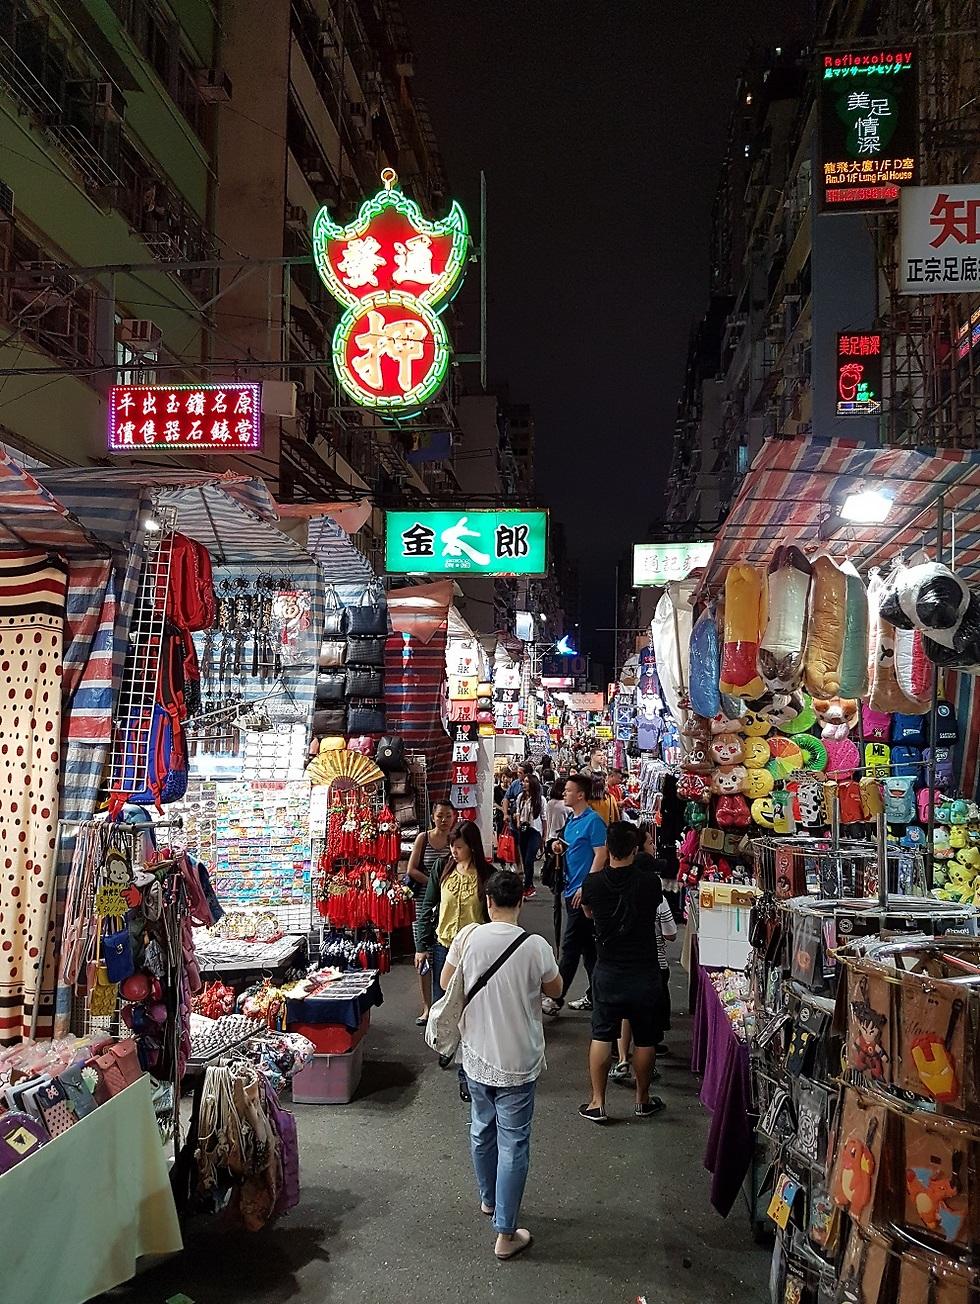 שוק הלילה של הונג קונג (צילום: סיגלית בר) (צילום: סיגלית בר)